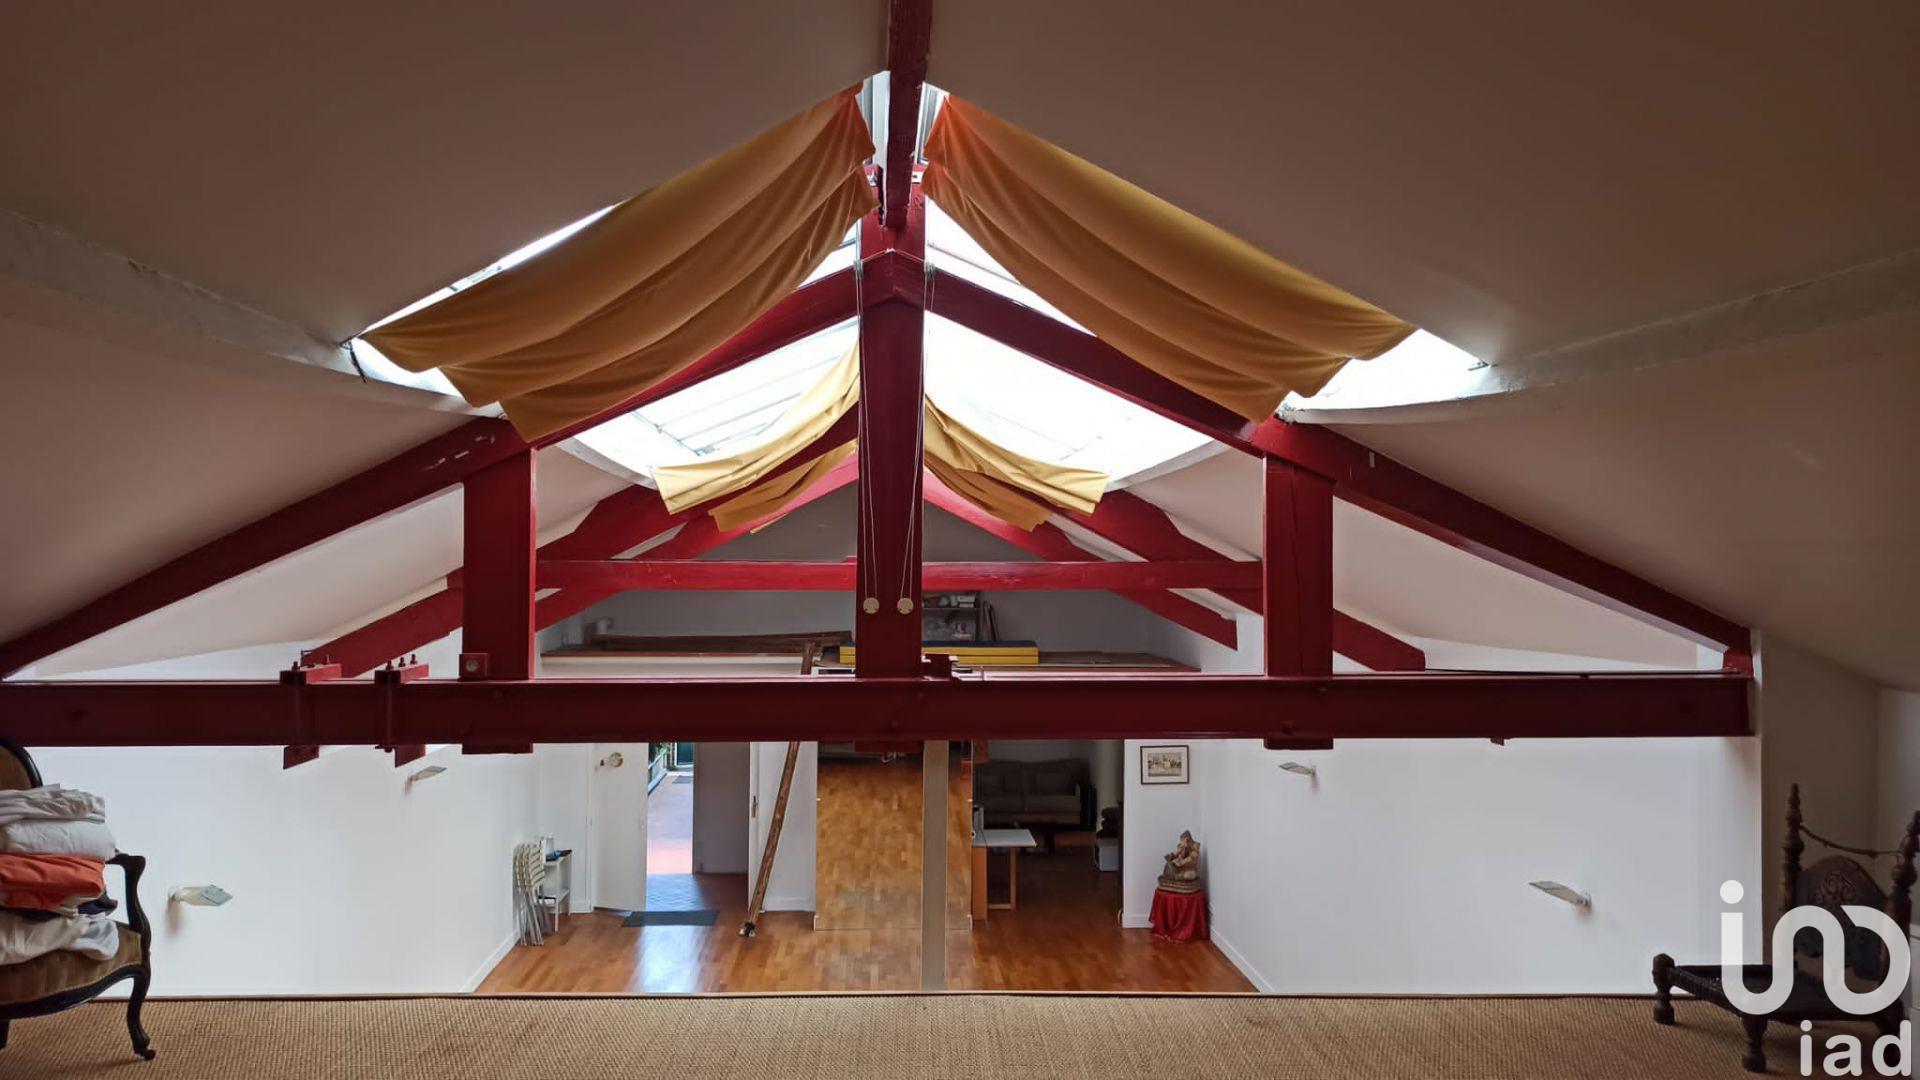 Maison a vendre puteaux - 2 pièce(s) - 138 m2 - Surfyn